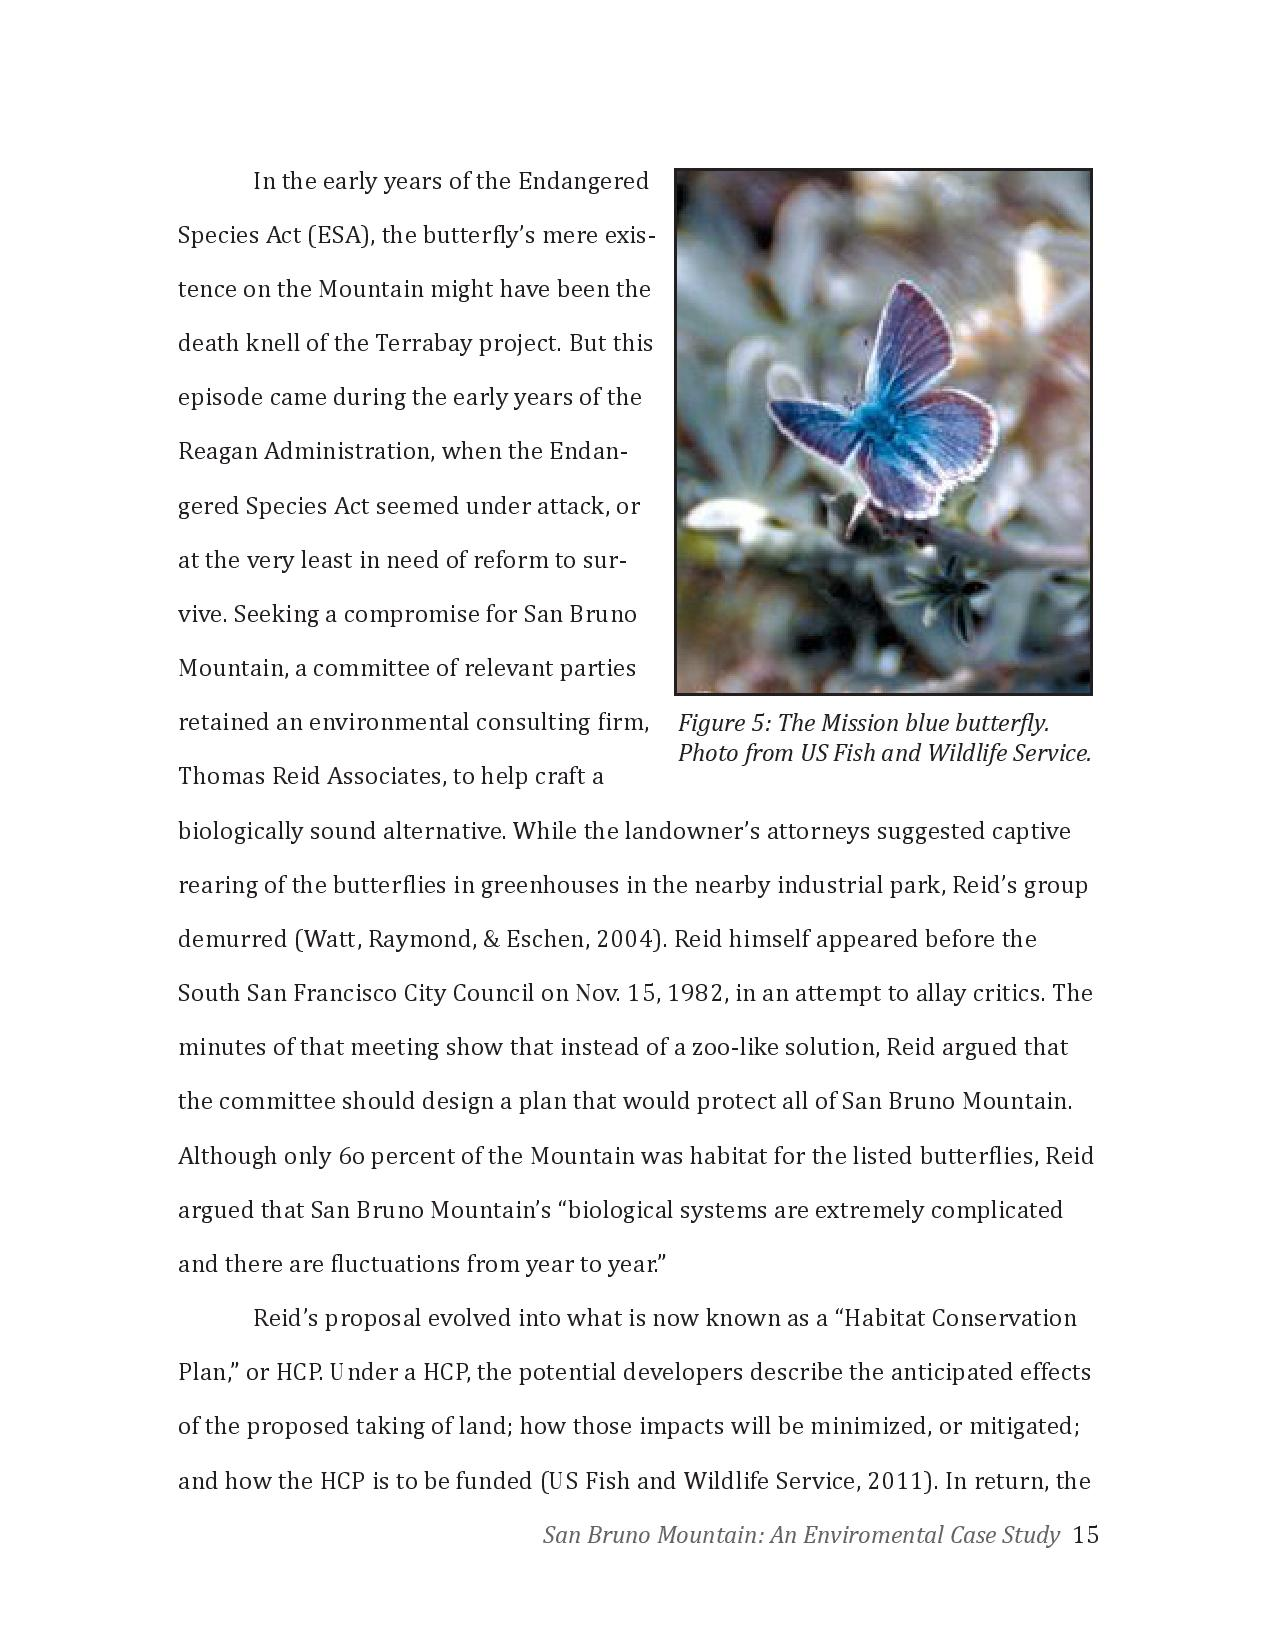 SBM An Environmental Case Study J Baker-page-015